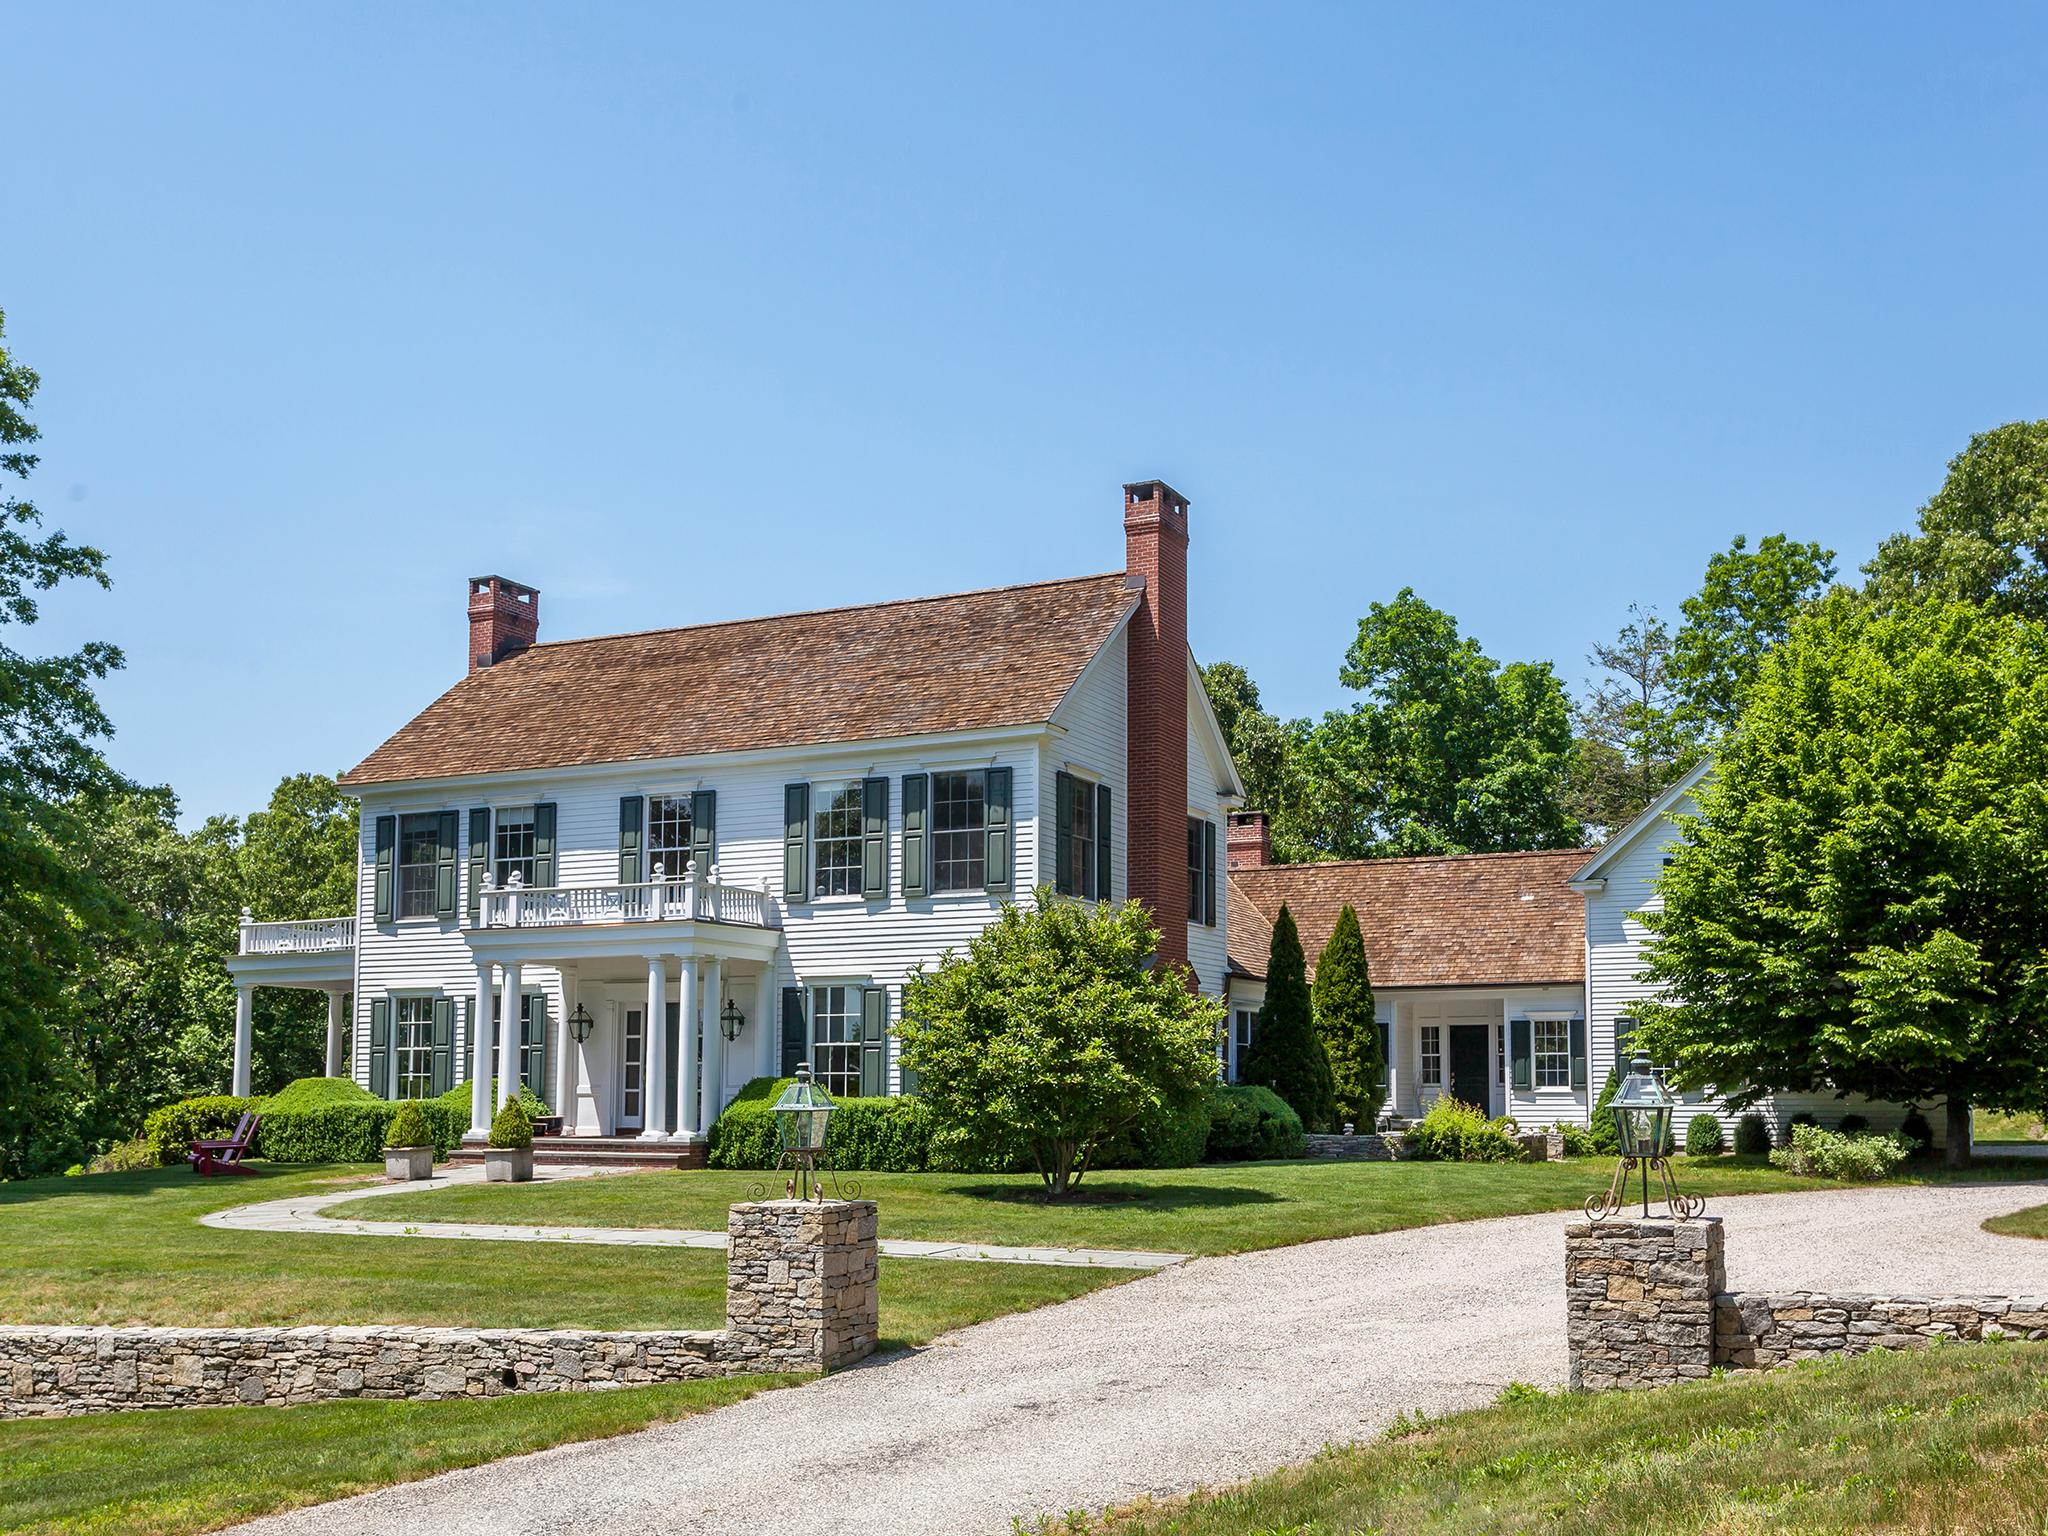 独户住宅 为 销售 在 21st Century Colonial 36 Southbury Rd 罗克斯伯里, 康涅狄格州 06783 美国